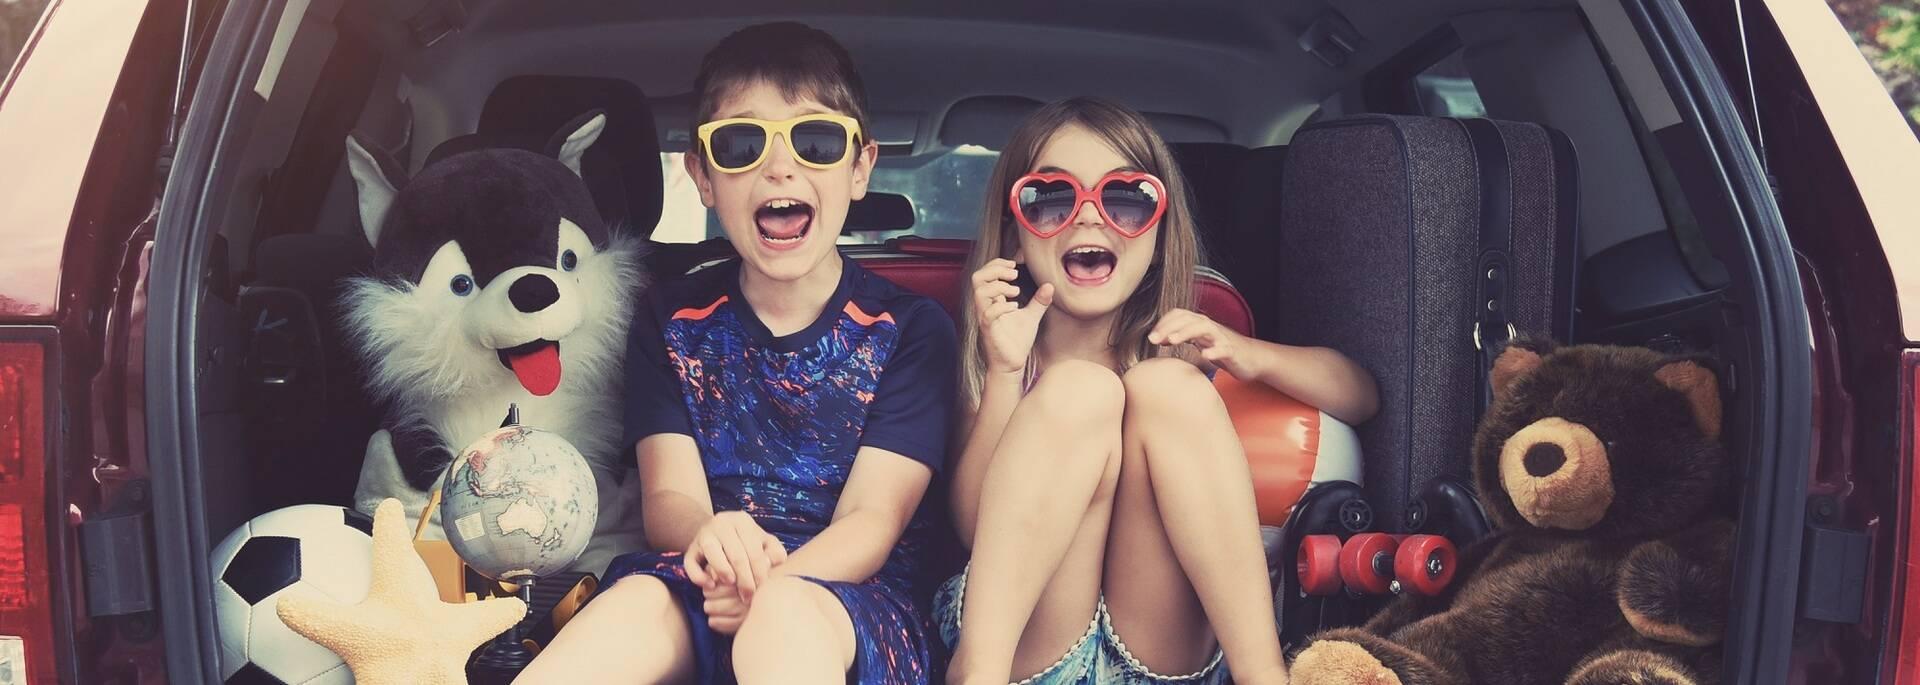 Enfants prêts à partir au camping - ©Shutterstock